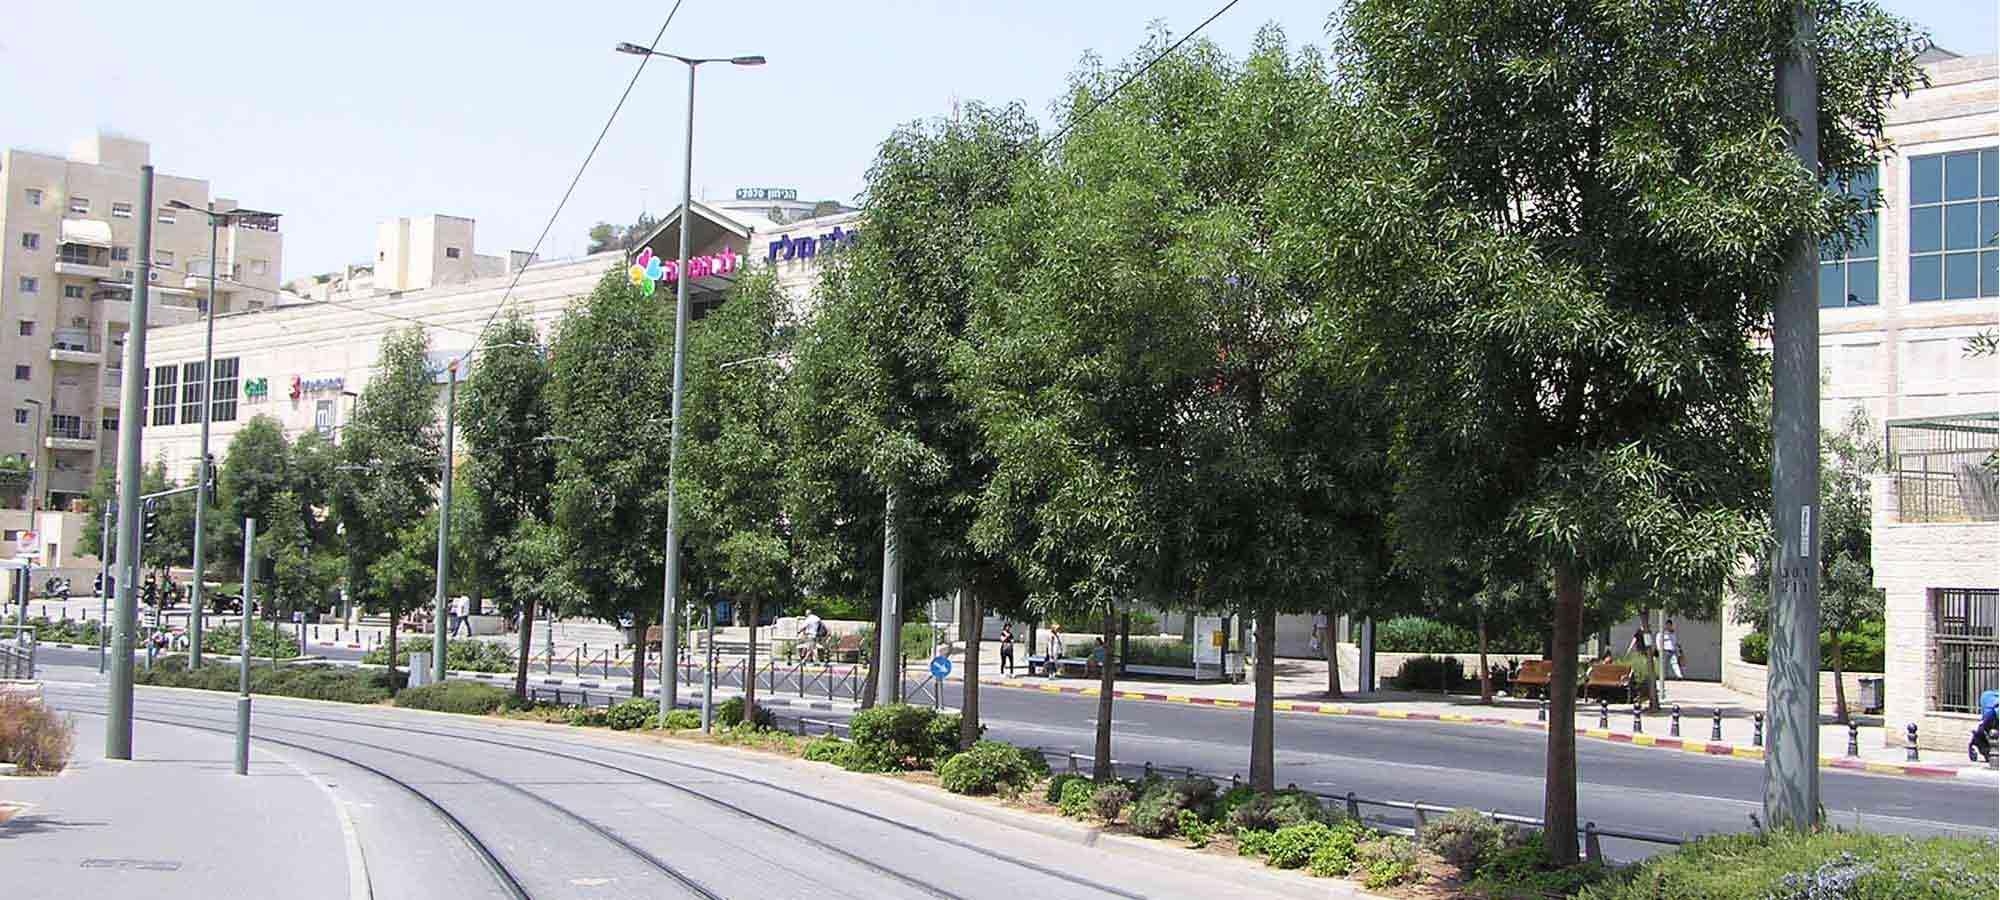 עצים נותני צל ועצי רחוב